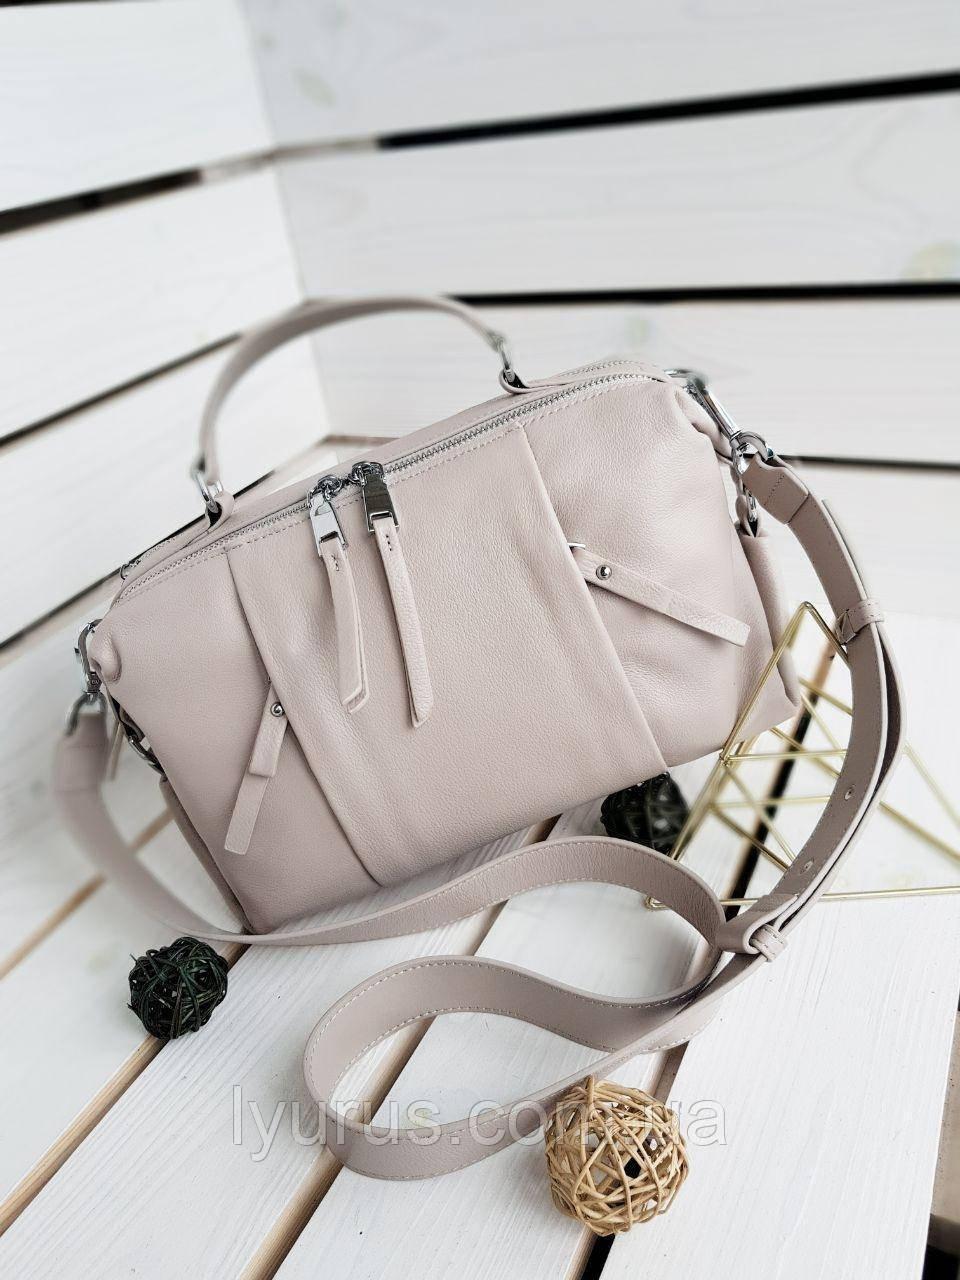 Кожаная женская сумка размером 27х21 см Бежевая (01104)